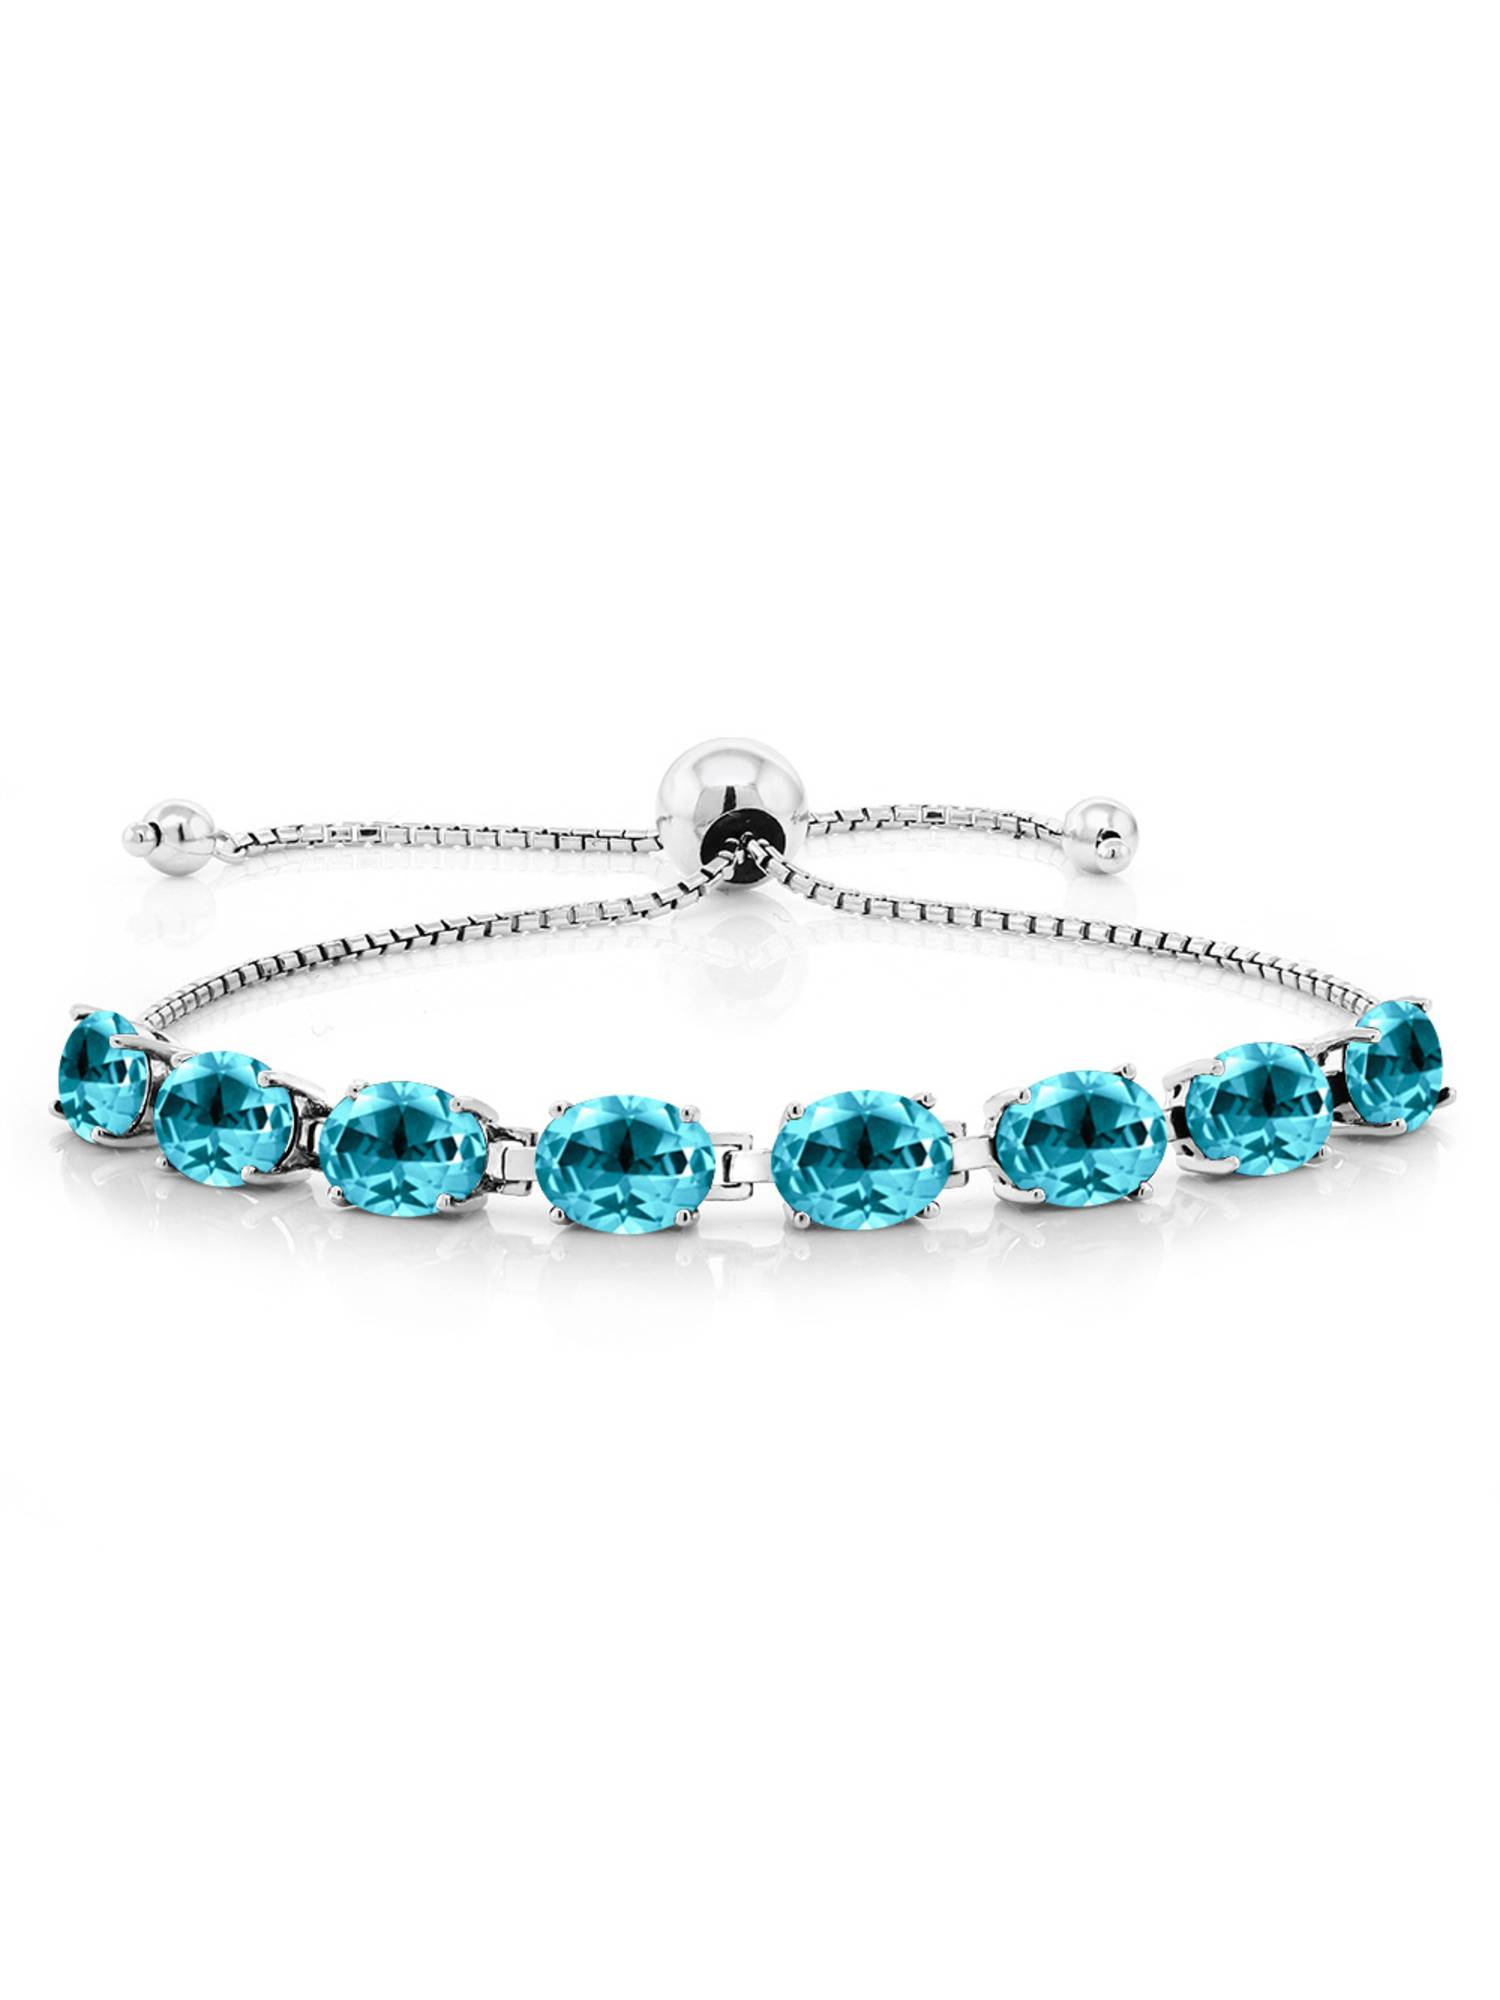 10.56 Ct Paraiba 925 Sterling Silver Bracelet Topaz Cut by Swarovski by